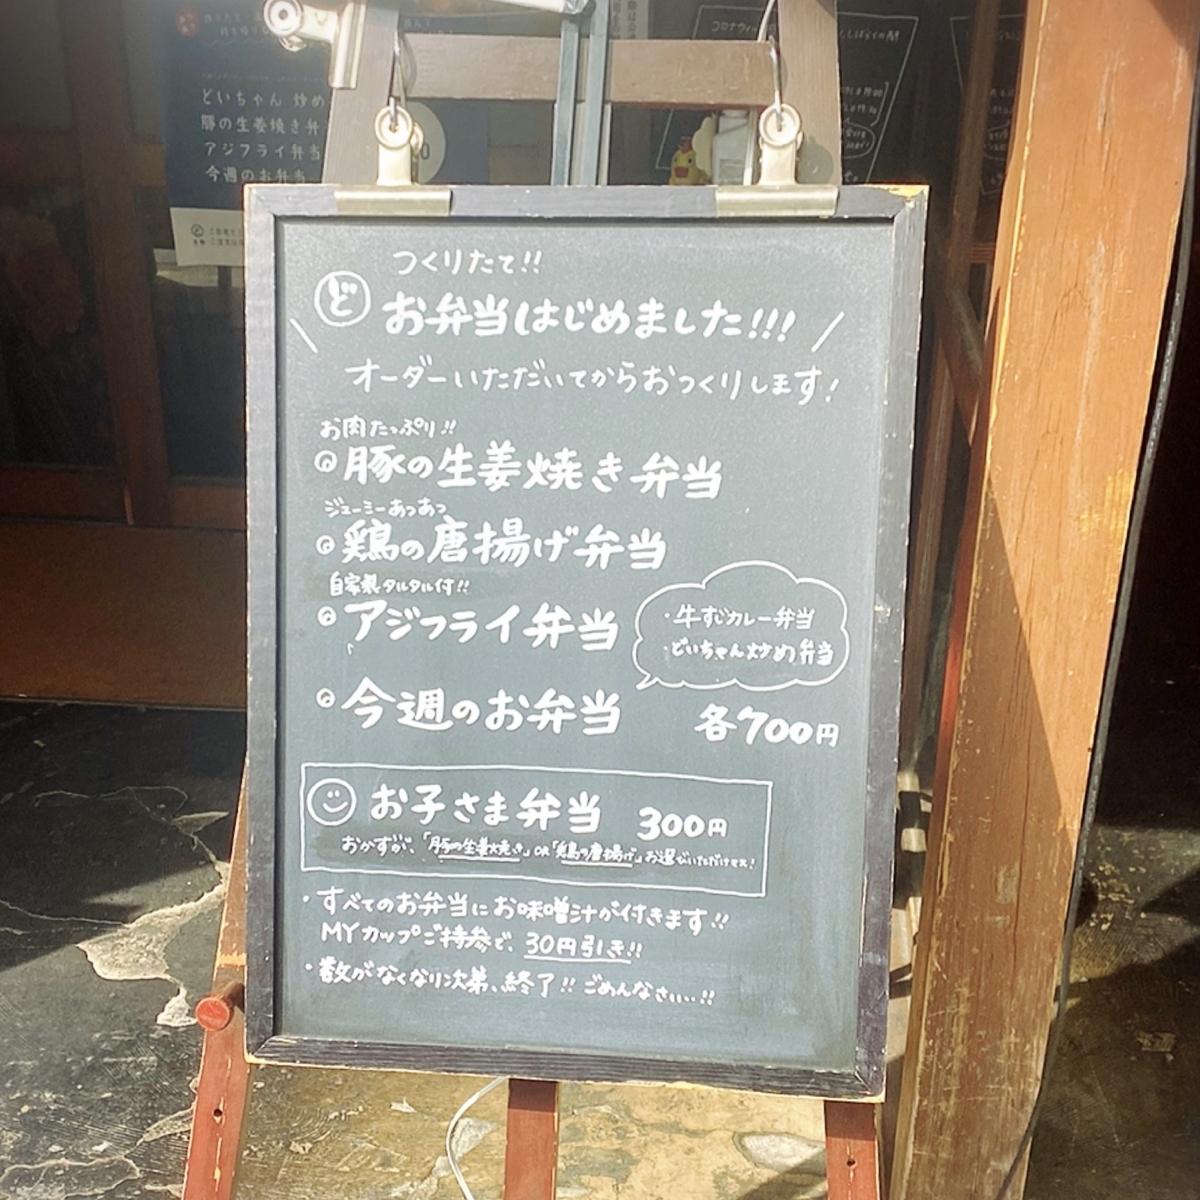 食堂居酒屋どいちゃんのテイクアウトメニュー